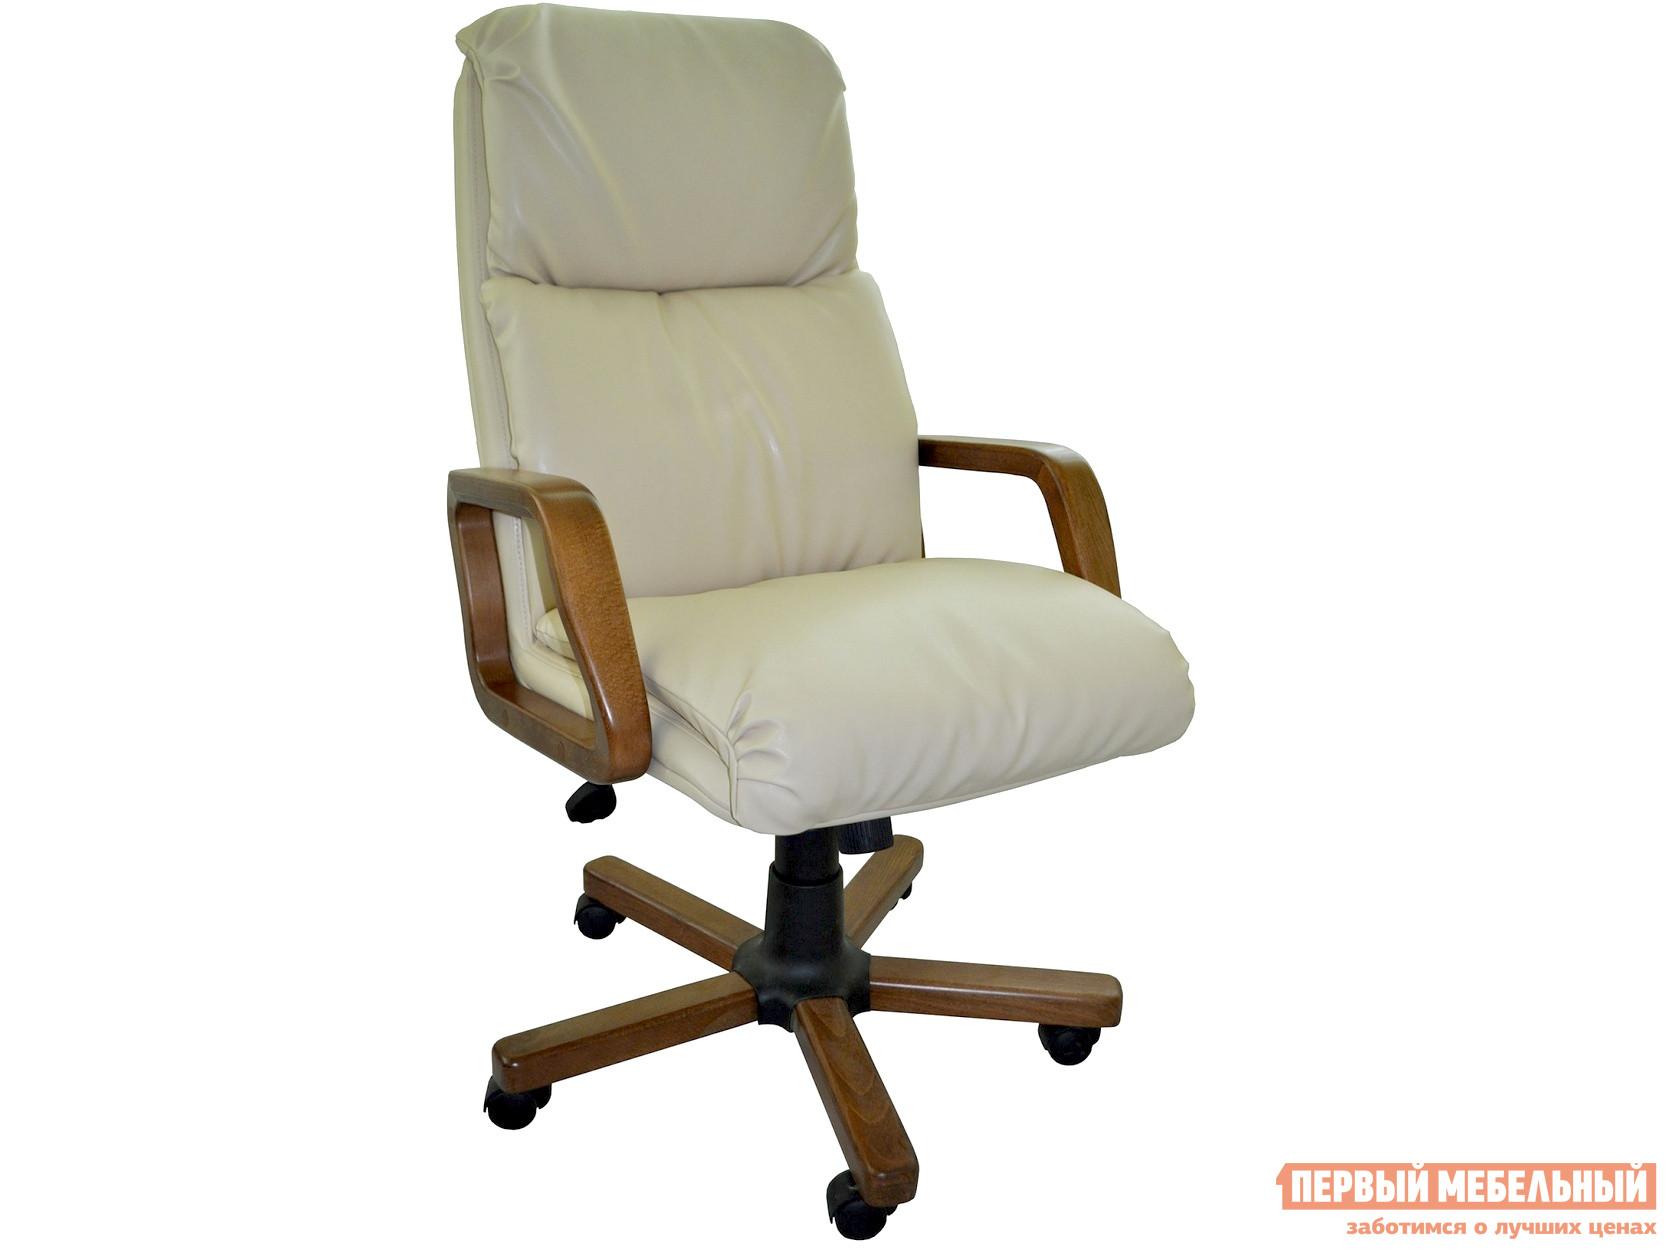 Кресло руководителя Первый Мебельный Надир с деревянными подлокотниками